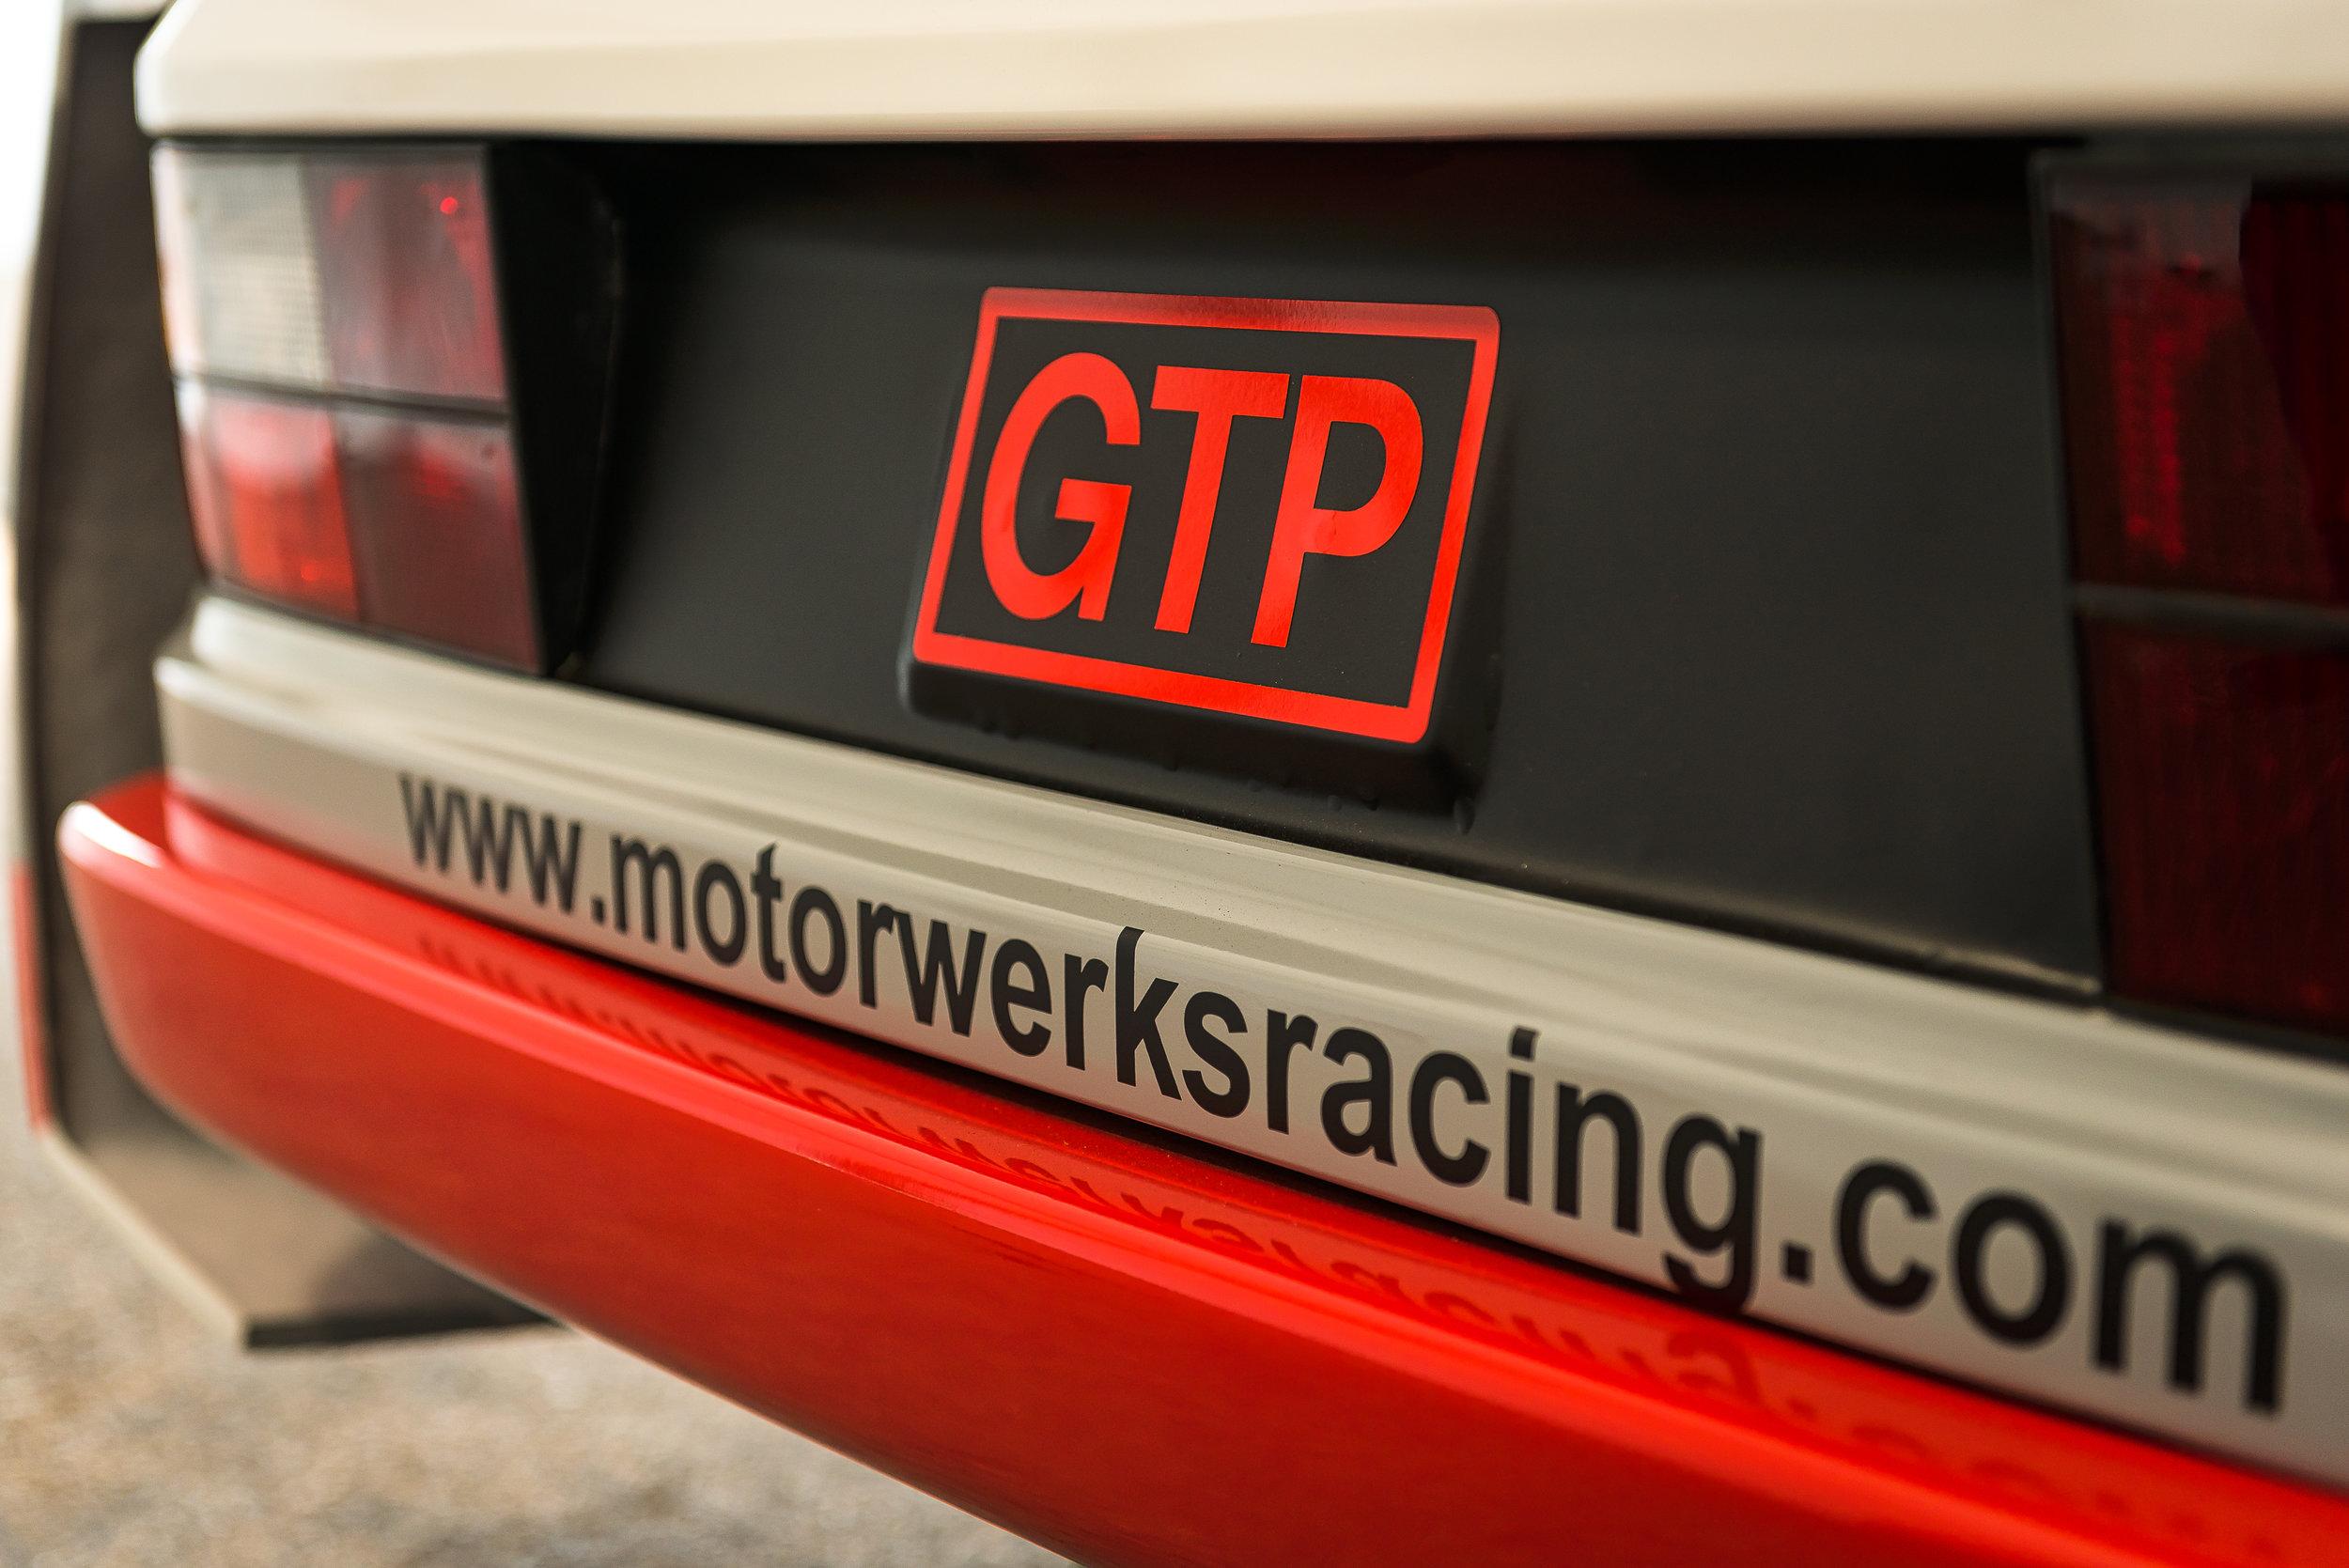 Motor Werks Racing GTP #42 (14).jpg